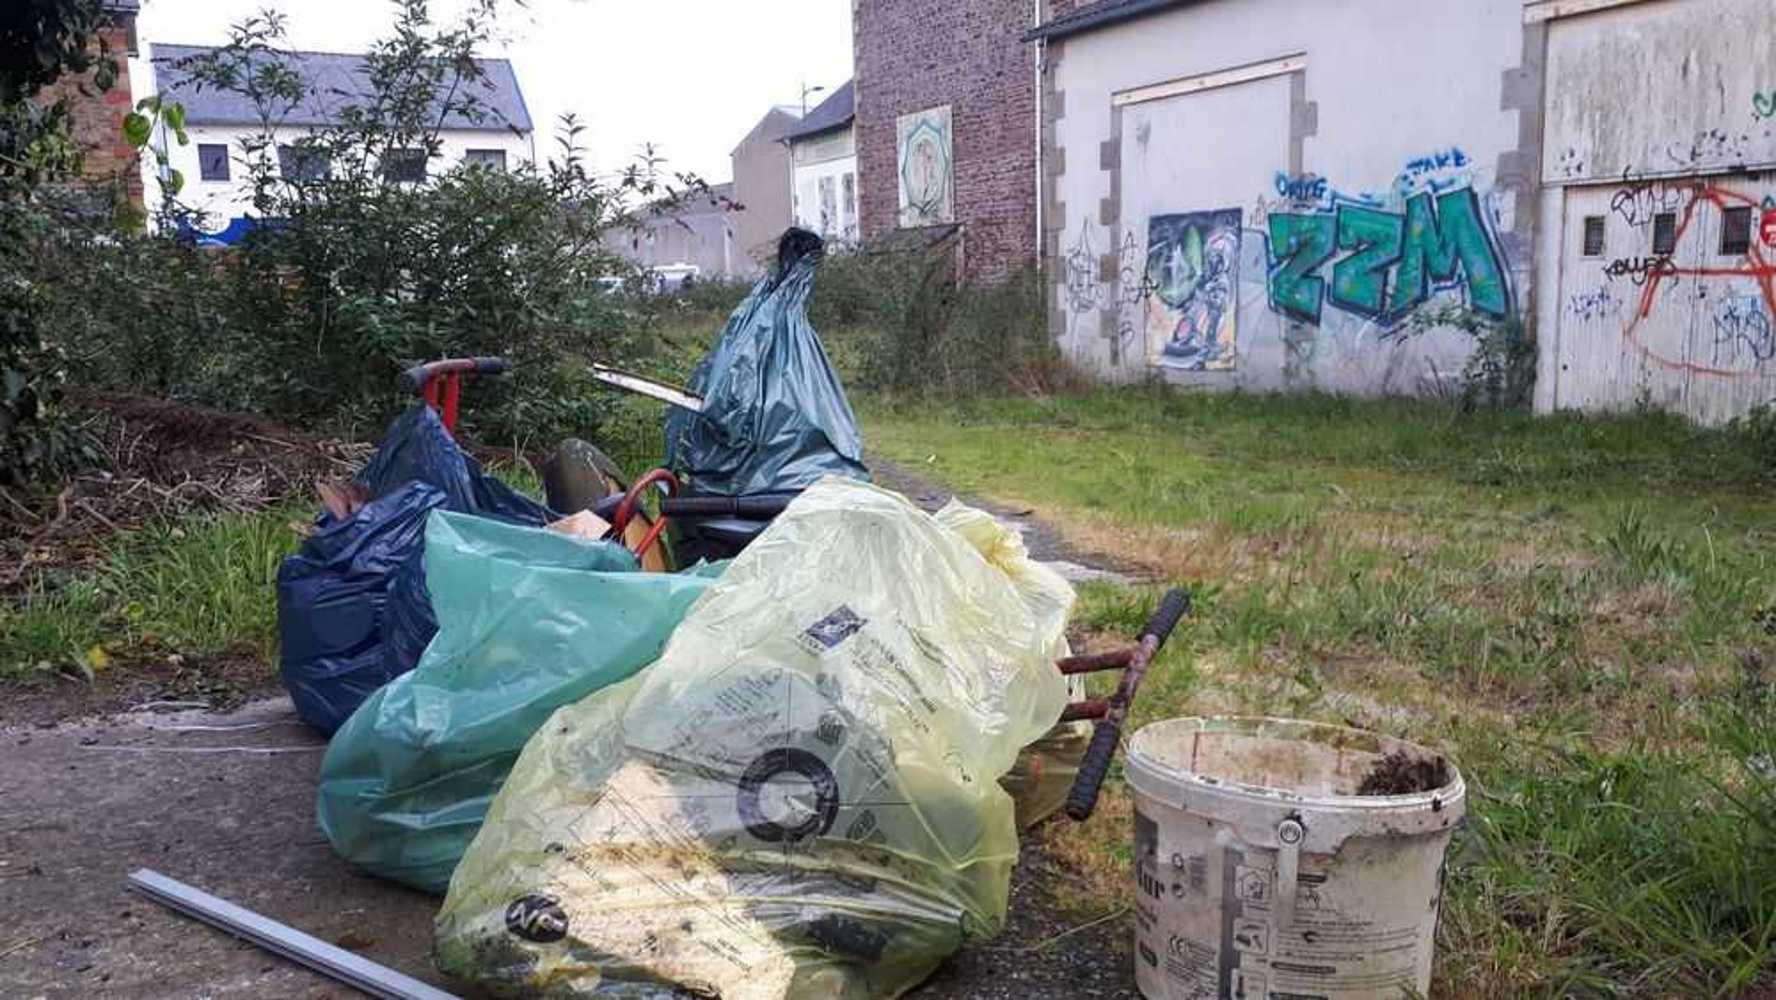 Collecte de déchets dans le quartier 20190410190426